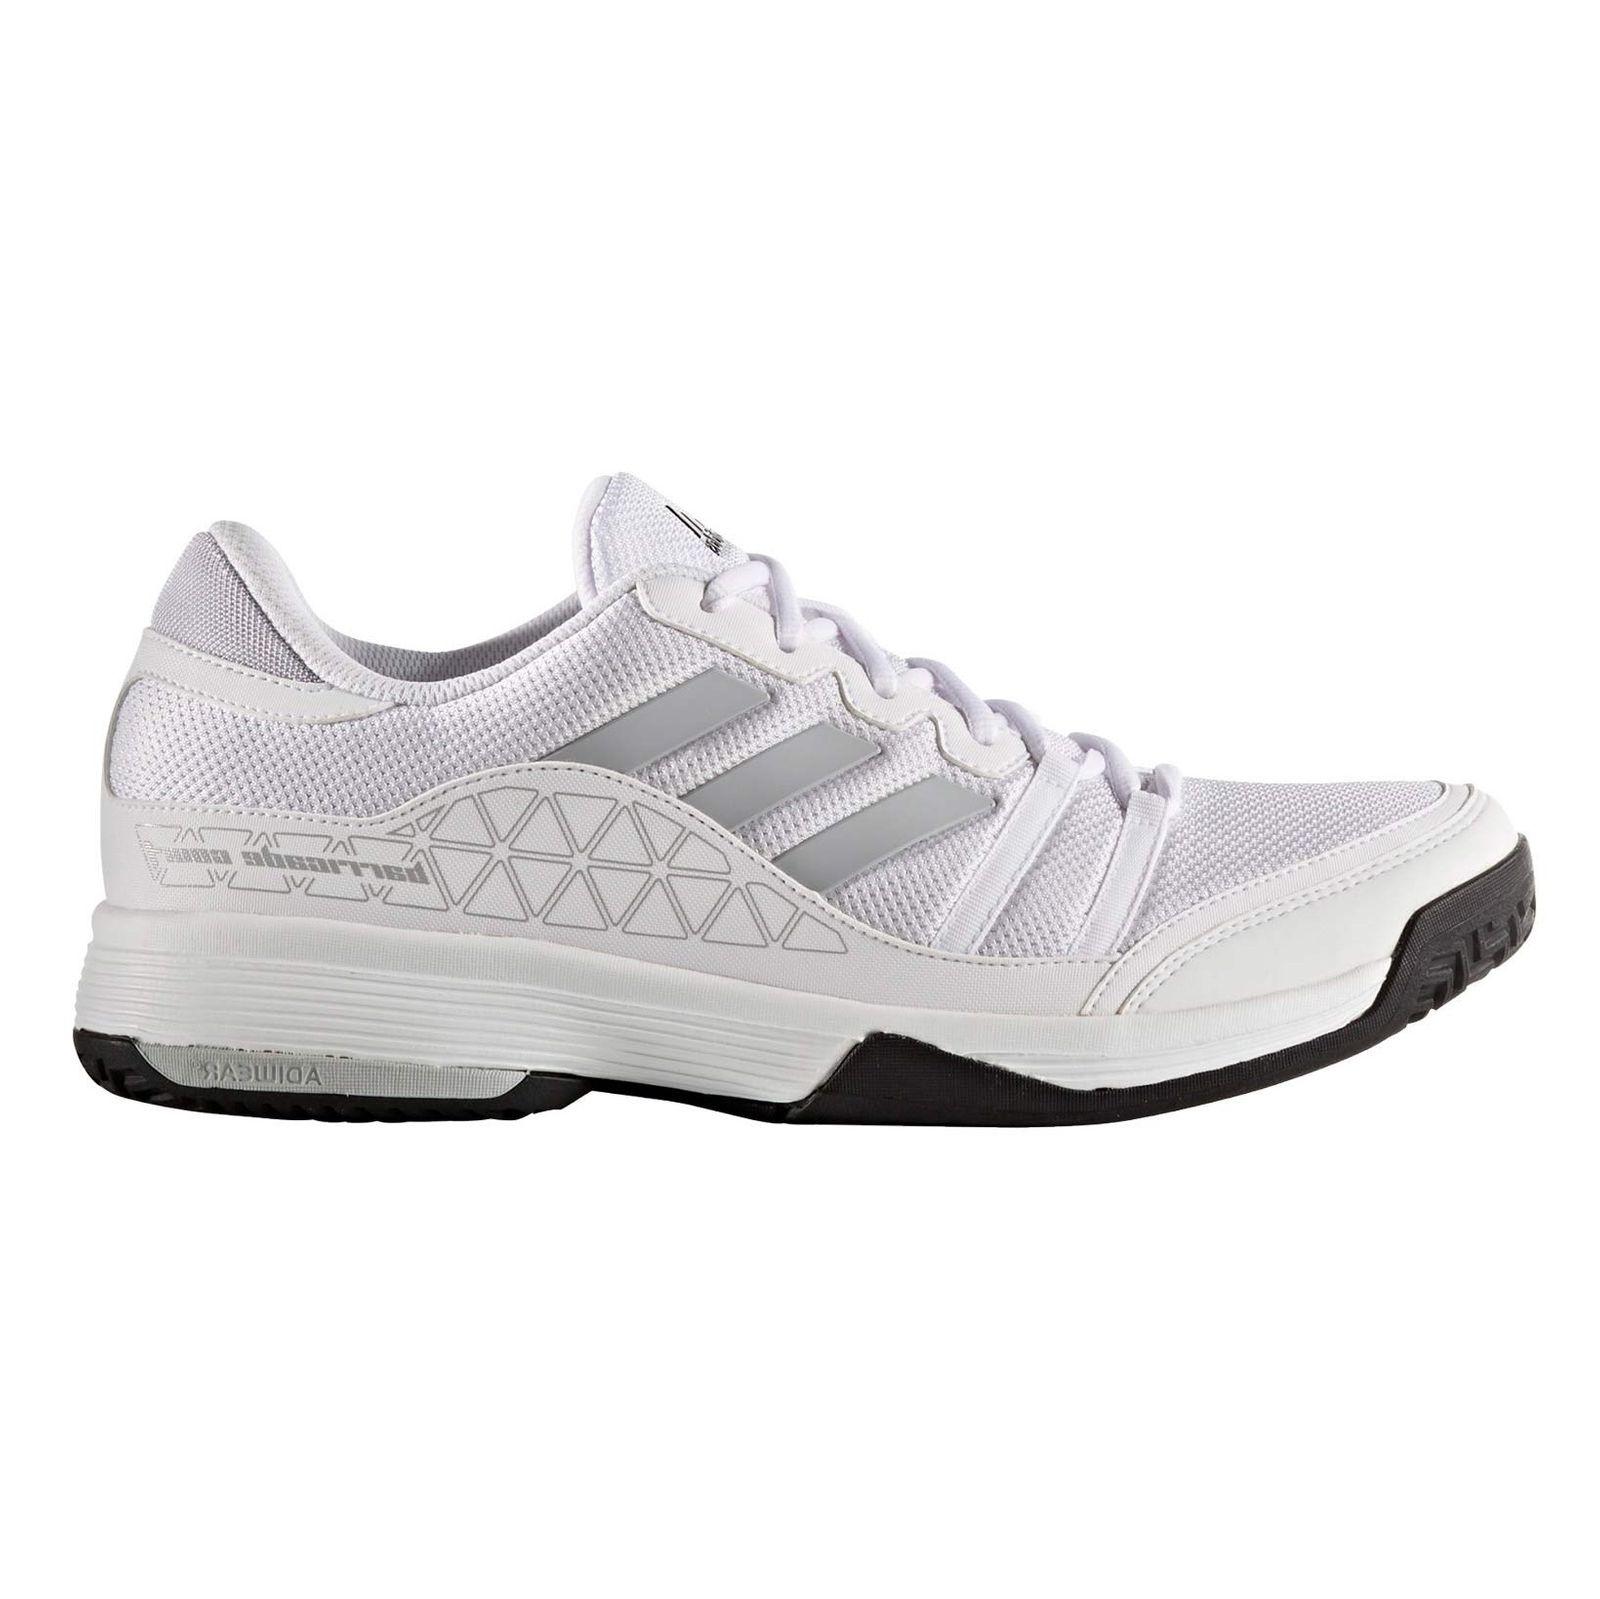 کفش تنیس بندی مردانه Barricade Club - آدیداس - سفيد - 1